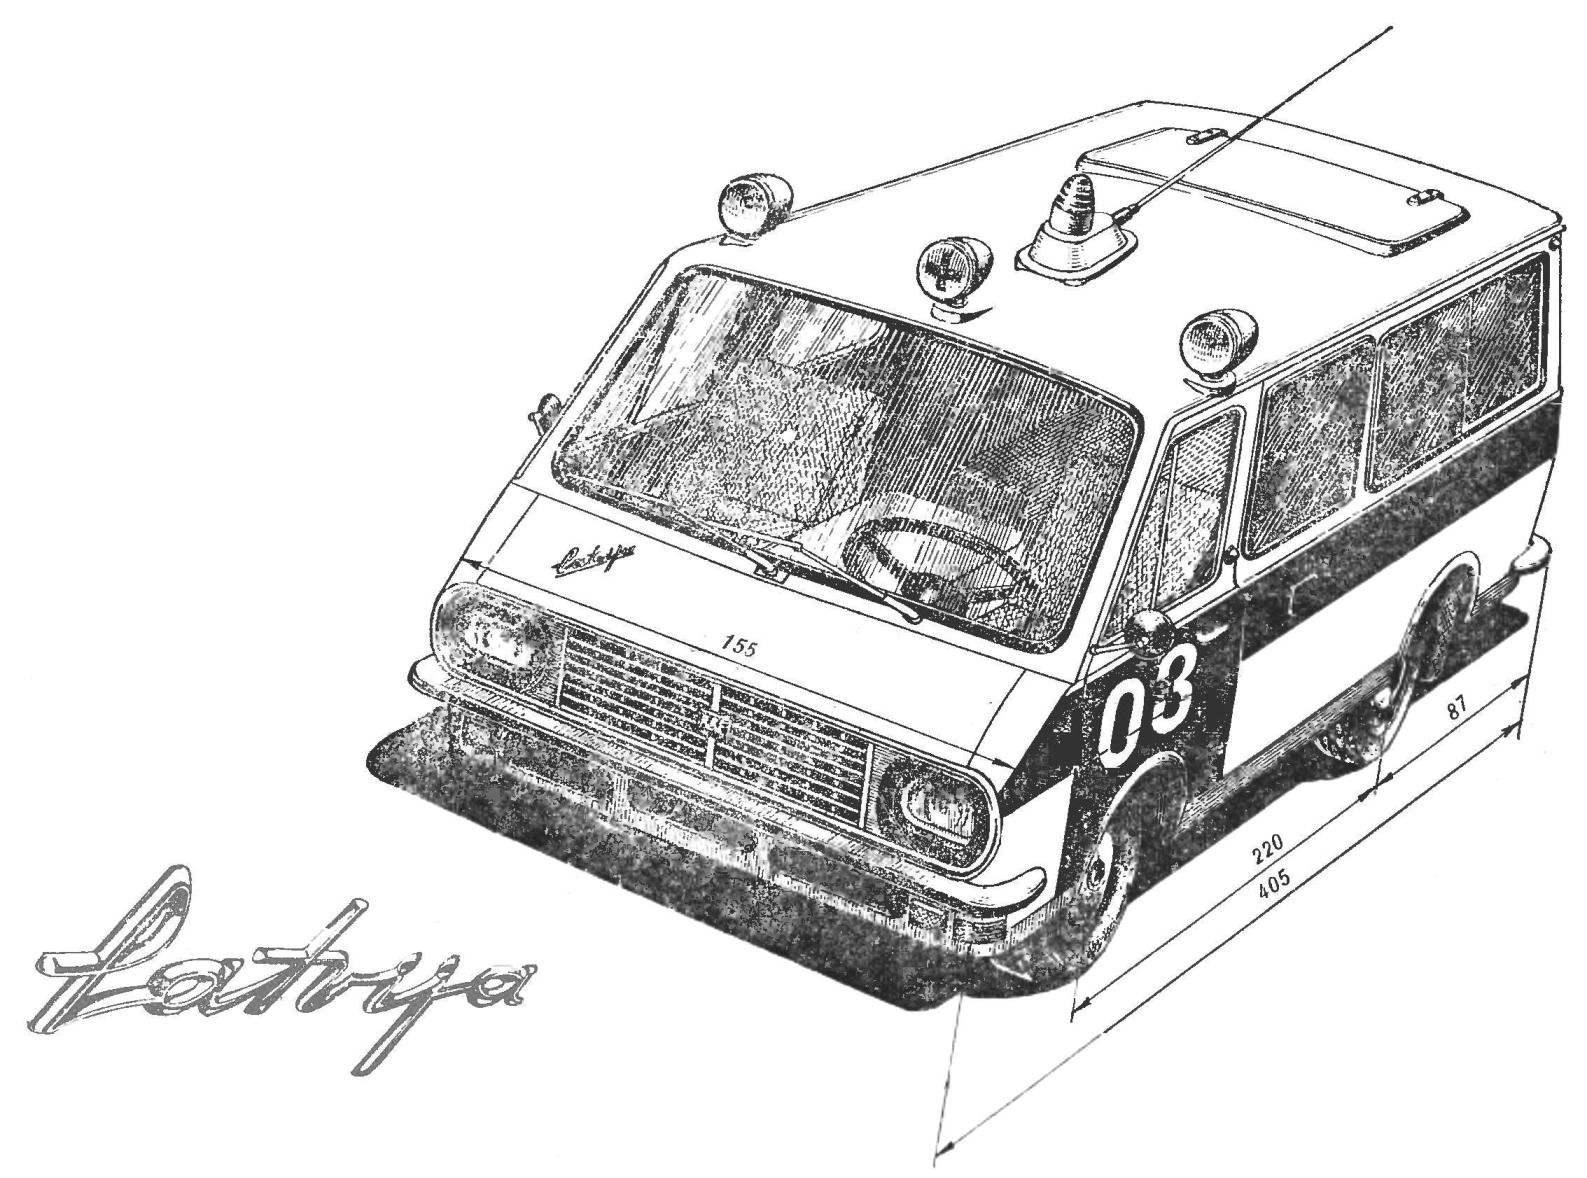 Рис. 1. Общий вид модели микроавтобуса РАФ-22031